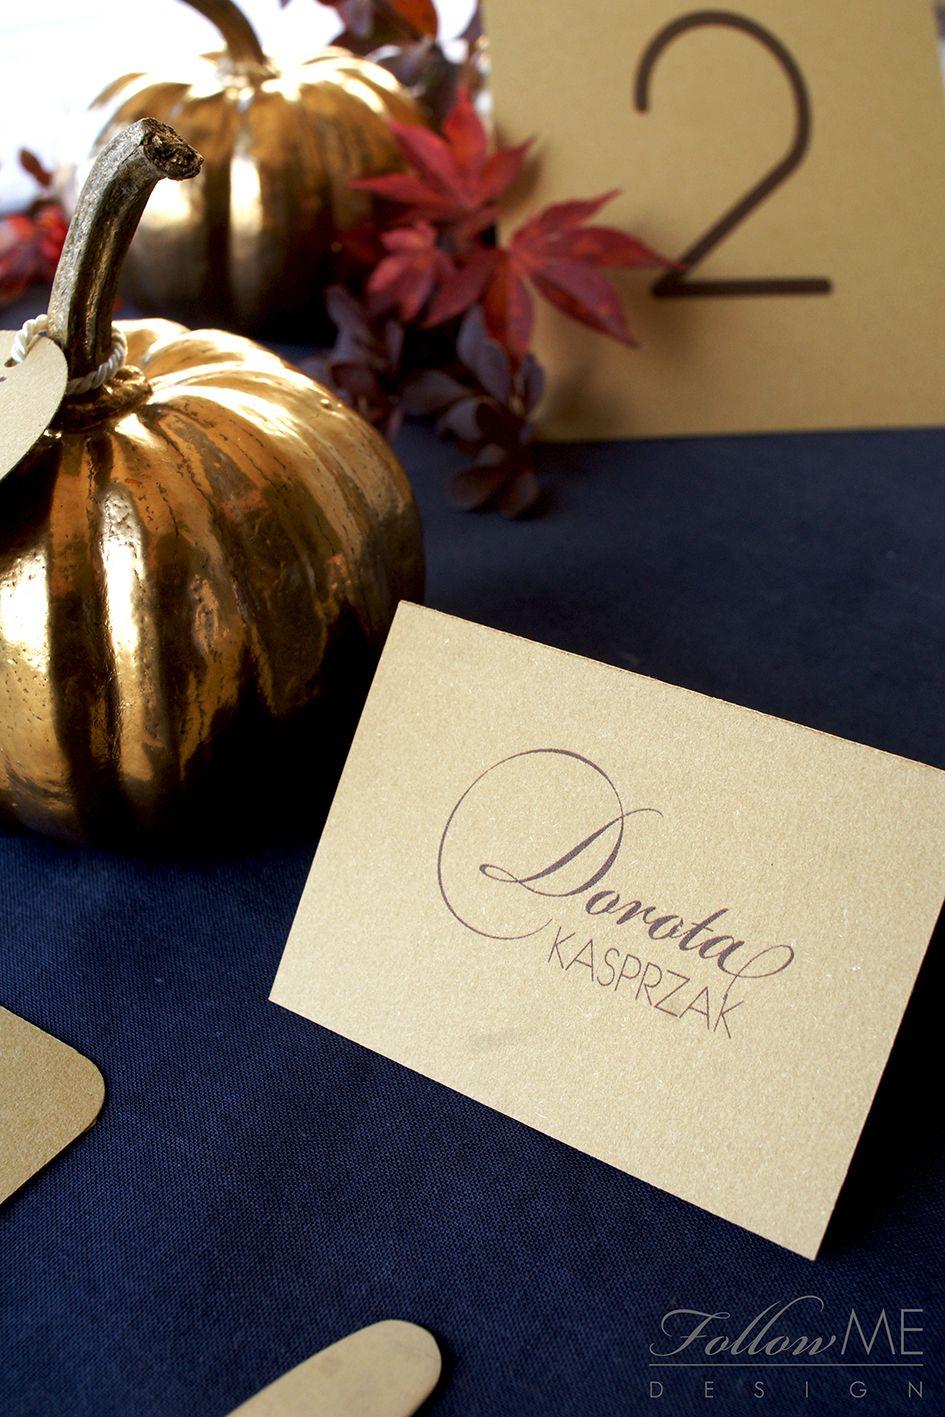 Pin On Jesienne Dekoracje Slubne Autumn Wedding Decorations Details